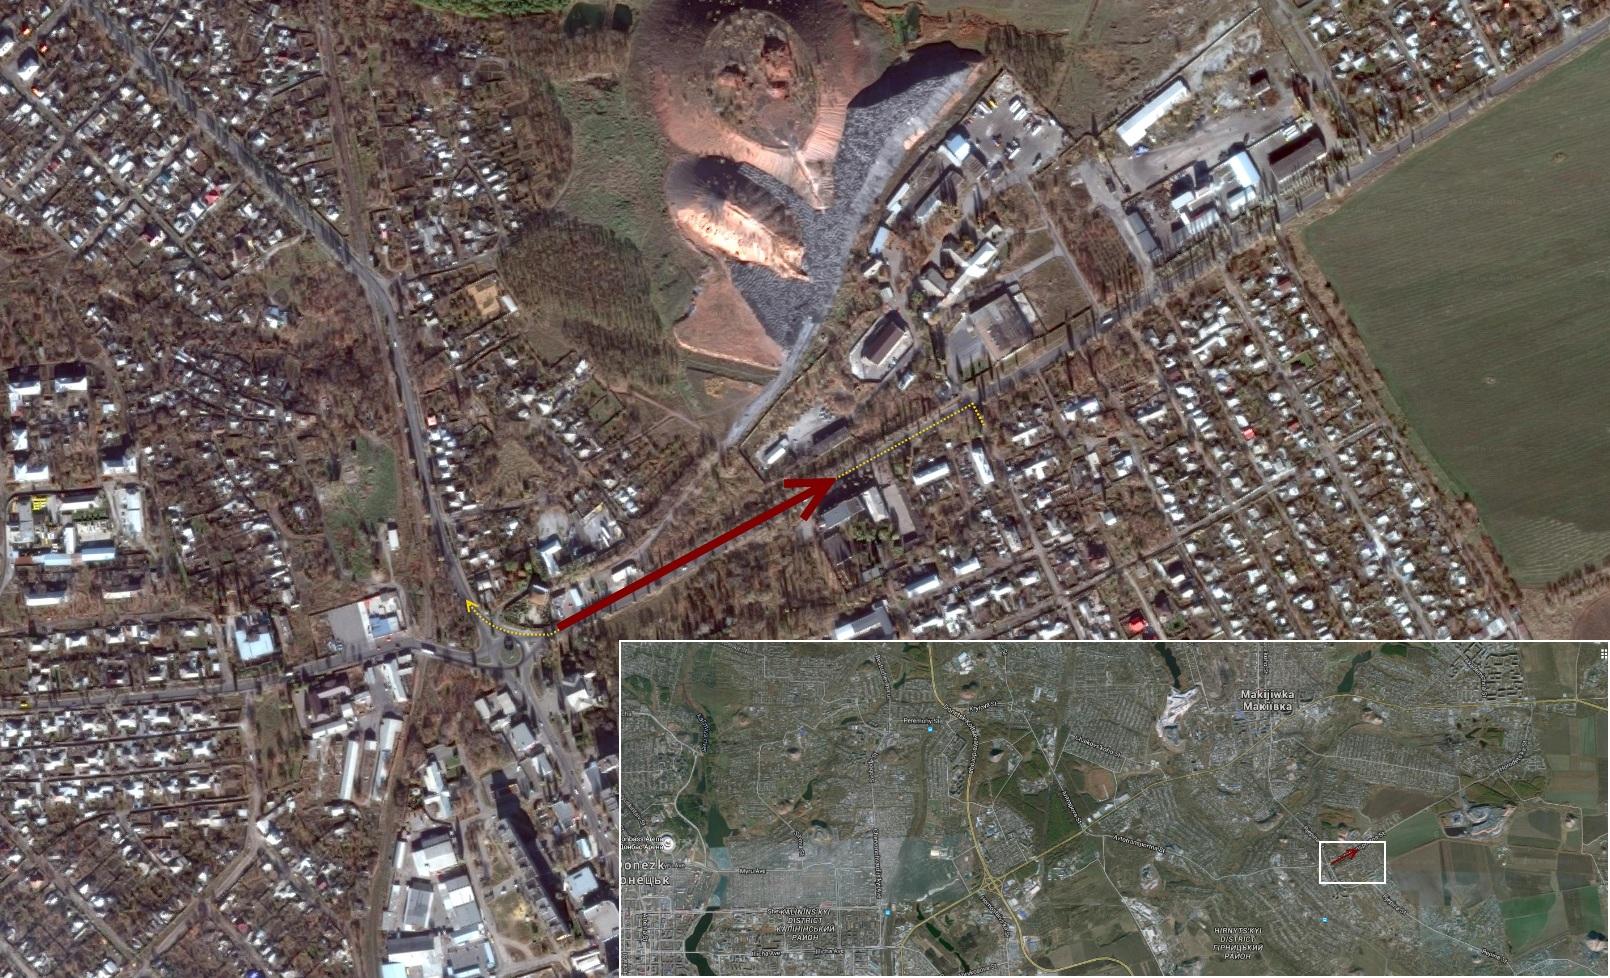 Крупная карта положения колонны и направления движения, а также маршрут колонны на более общей карте (внизу)